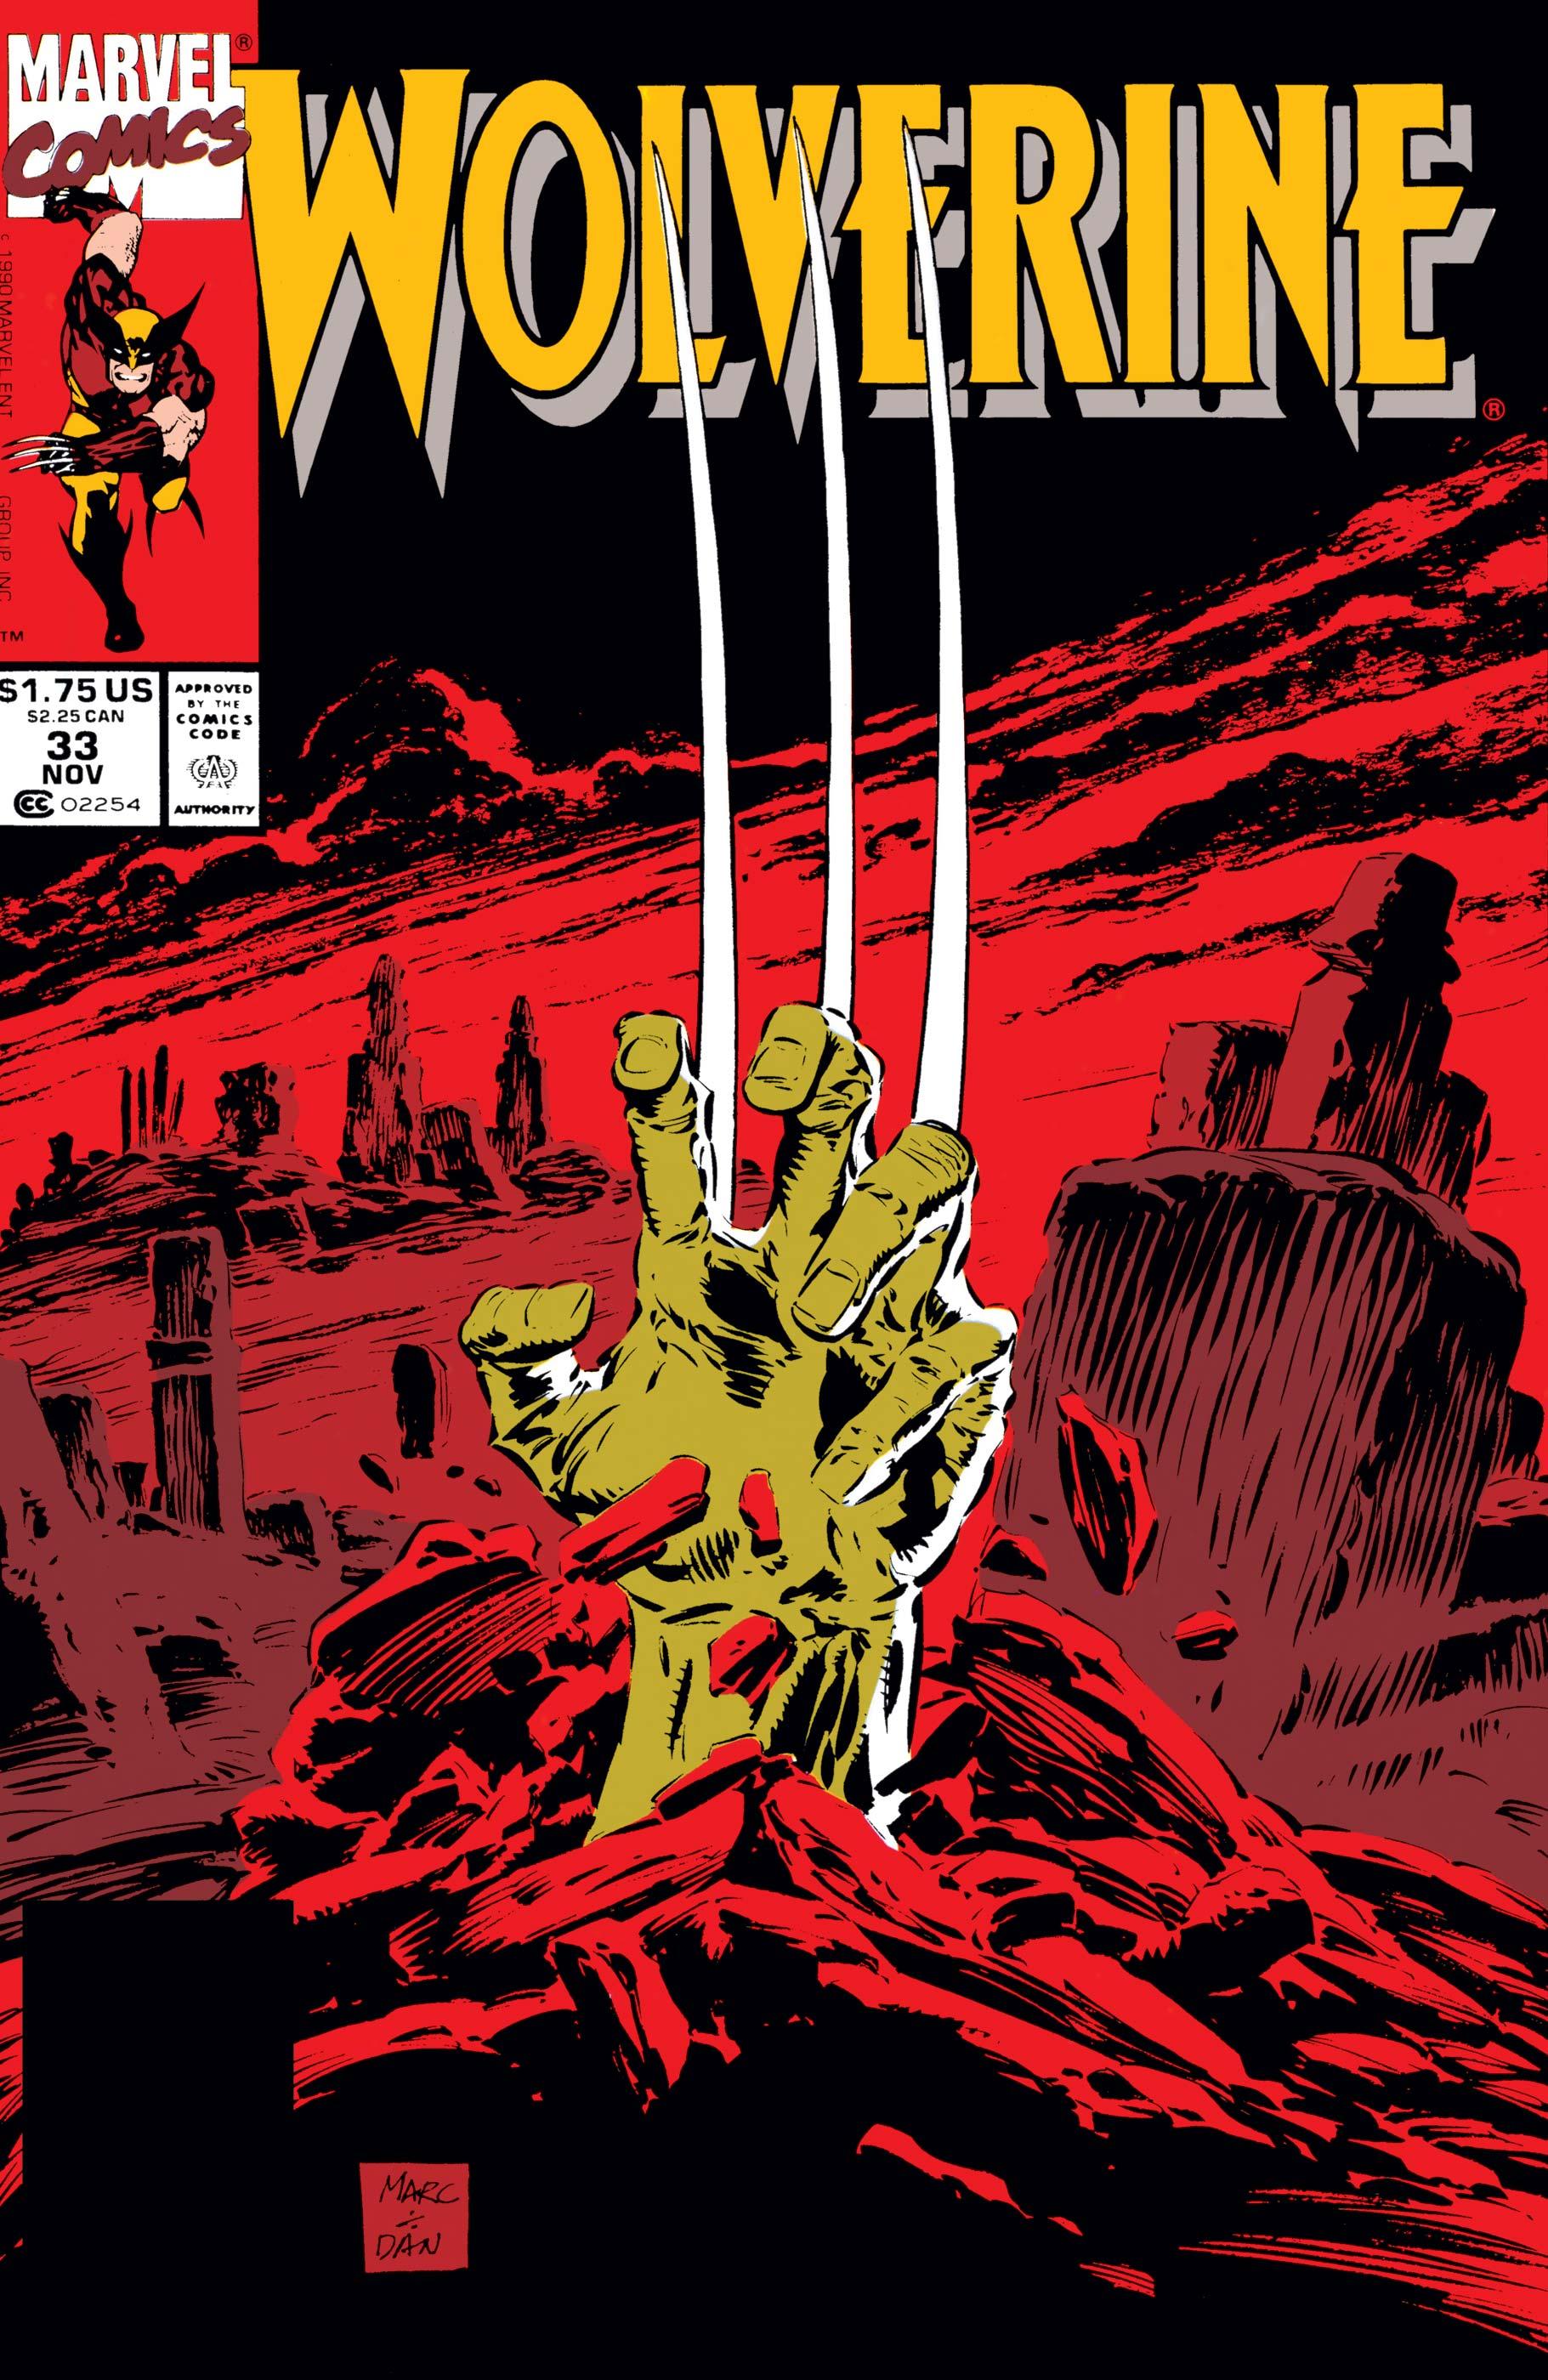 Wolverine (1988) #33